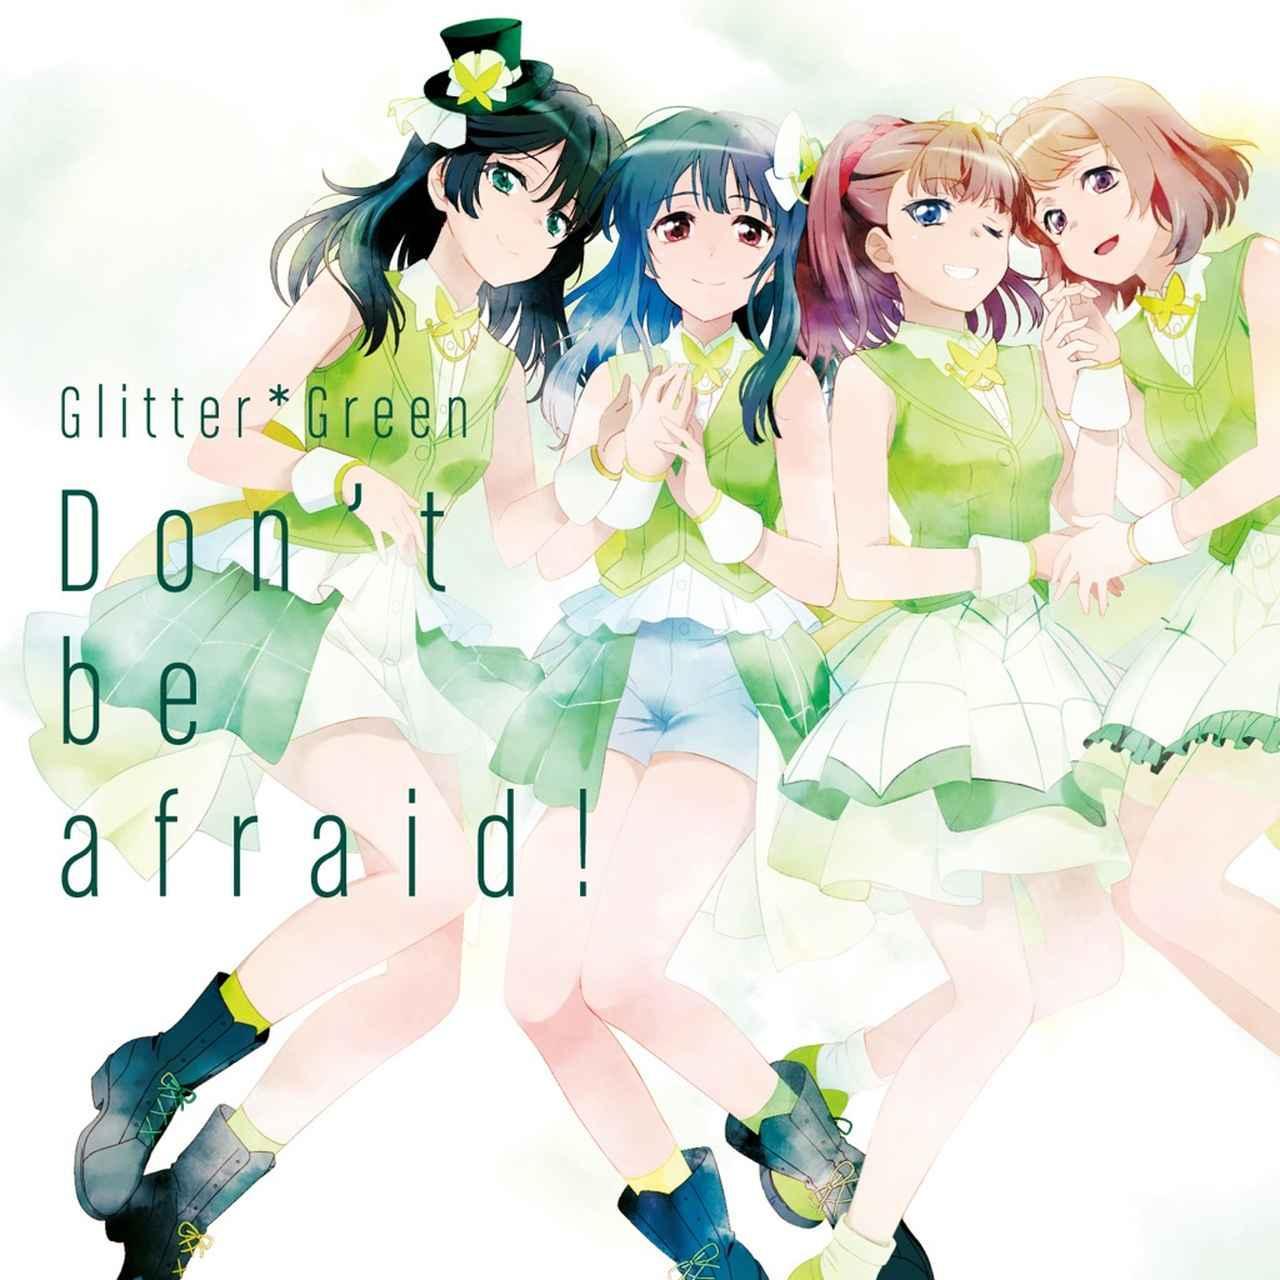 画像: Don't be afraid! / Glitter*Green